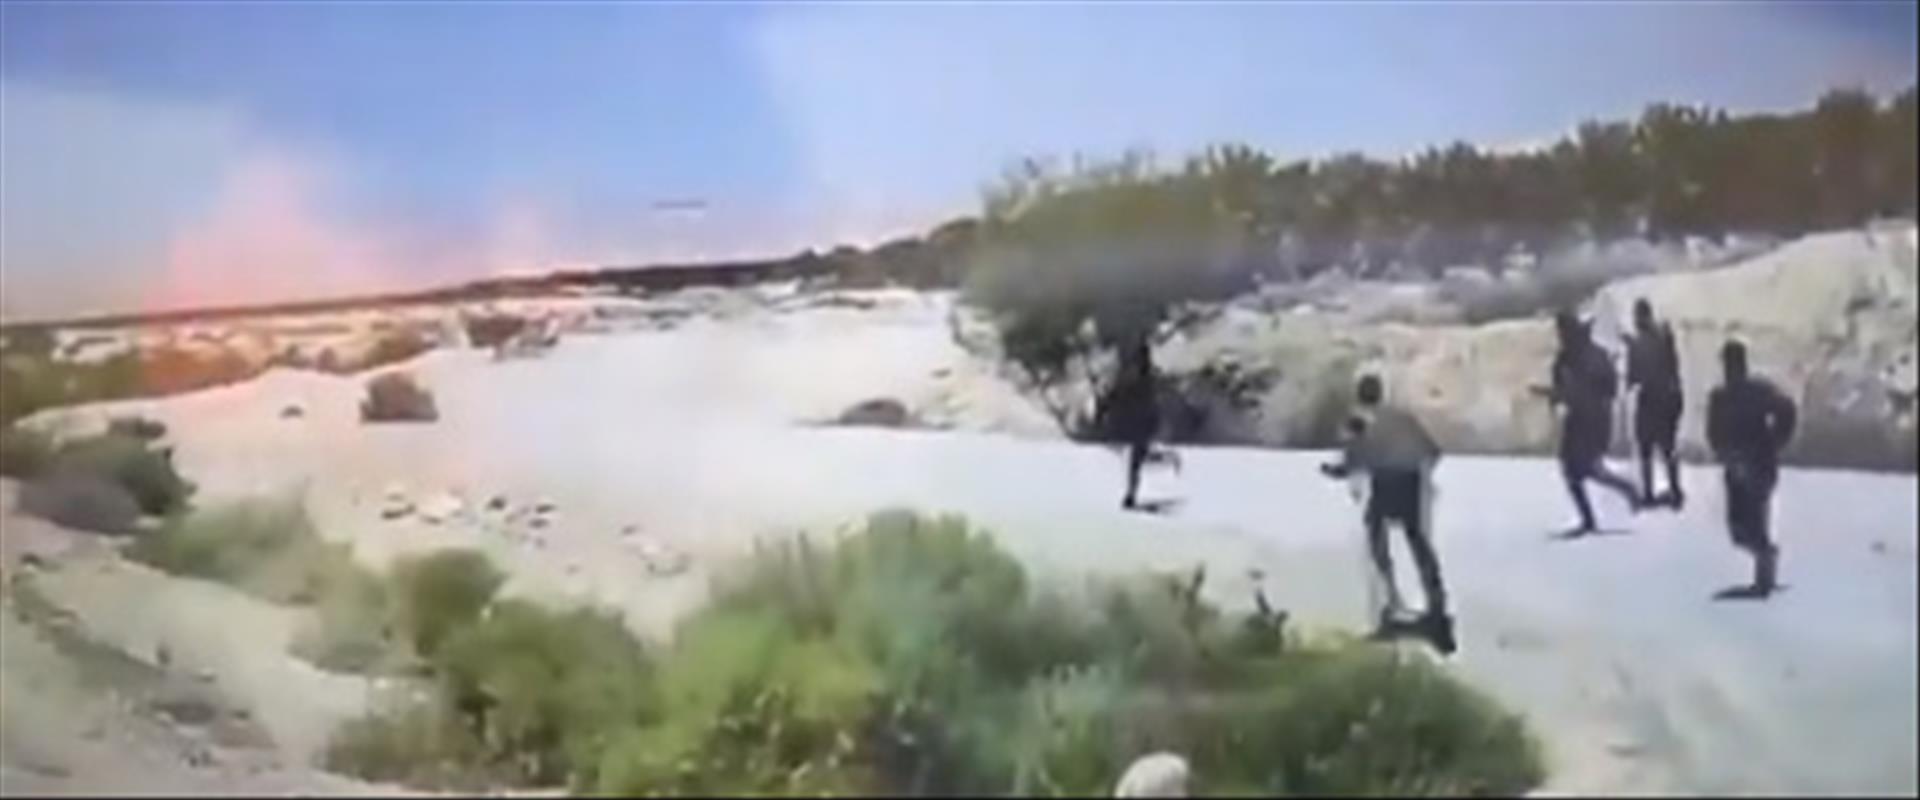 תיעוד המרדף אחר המחבל בבקעת הירדן